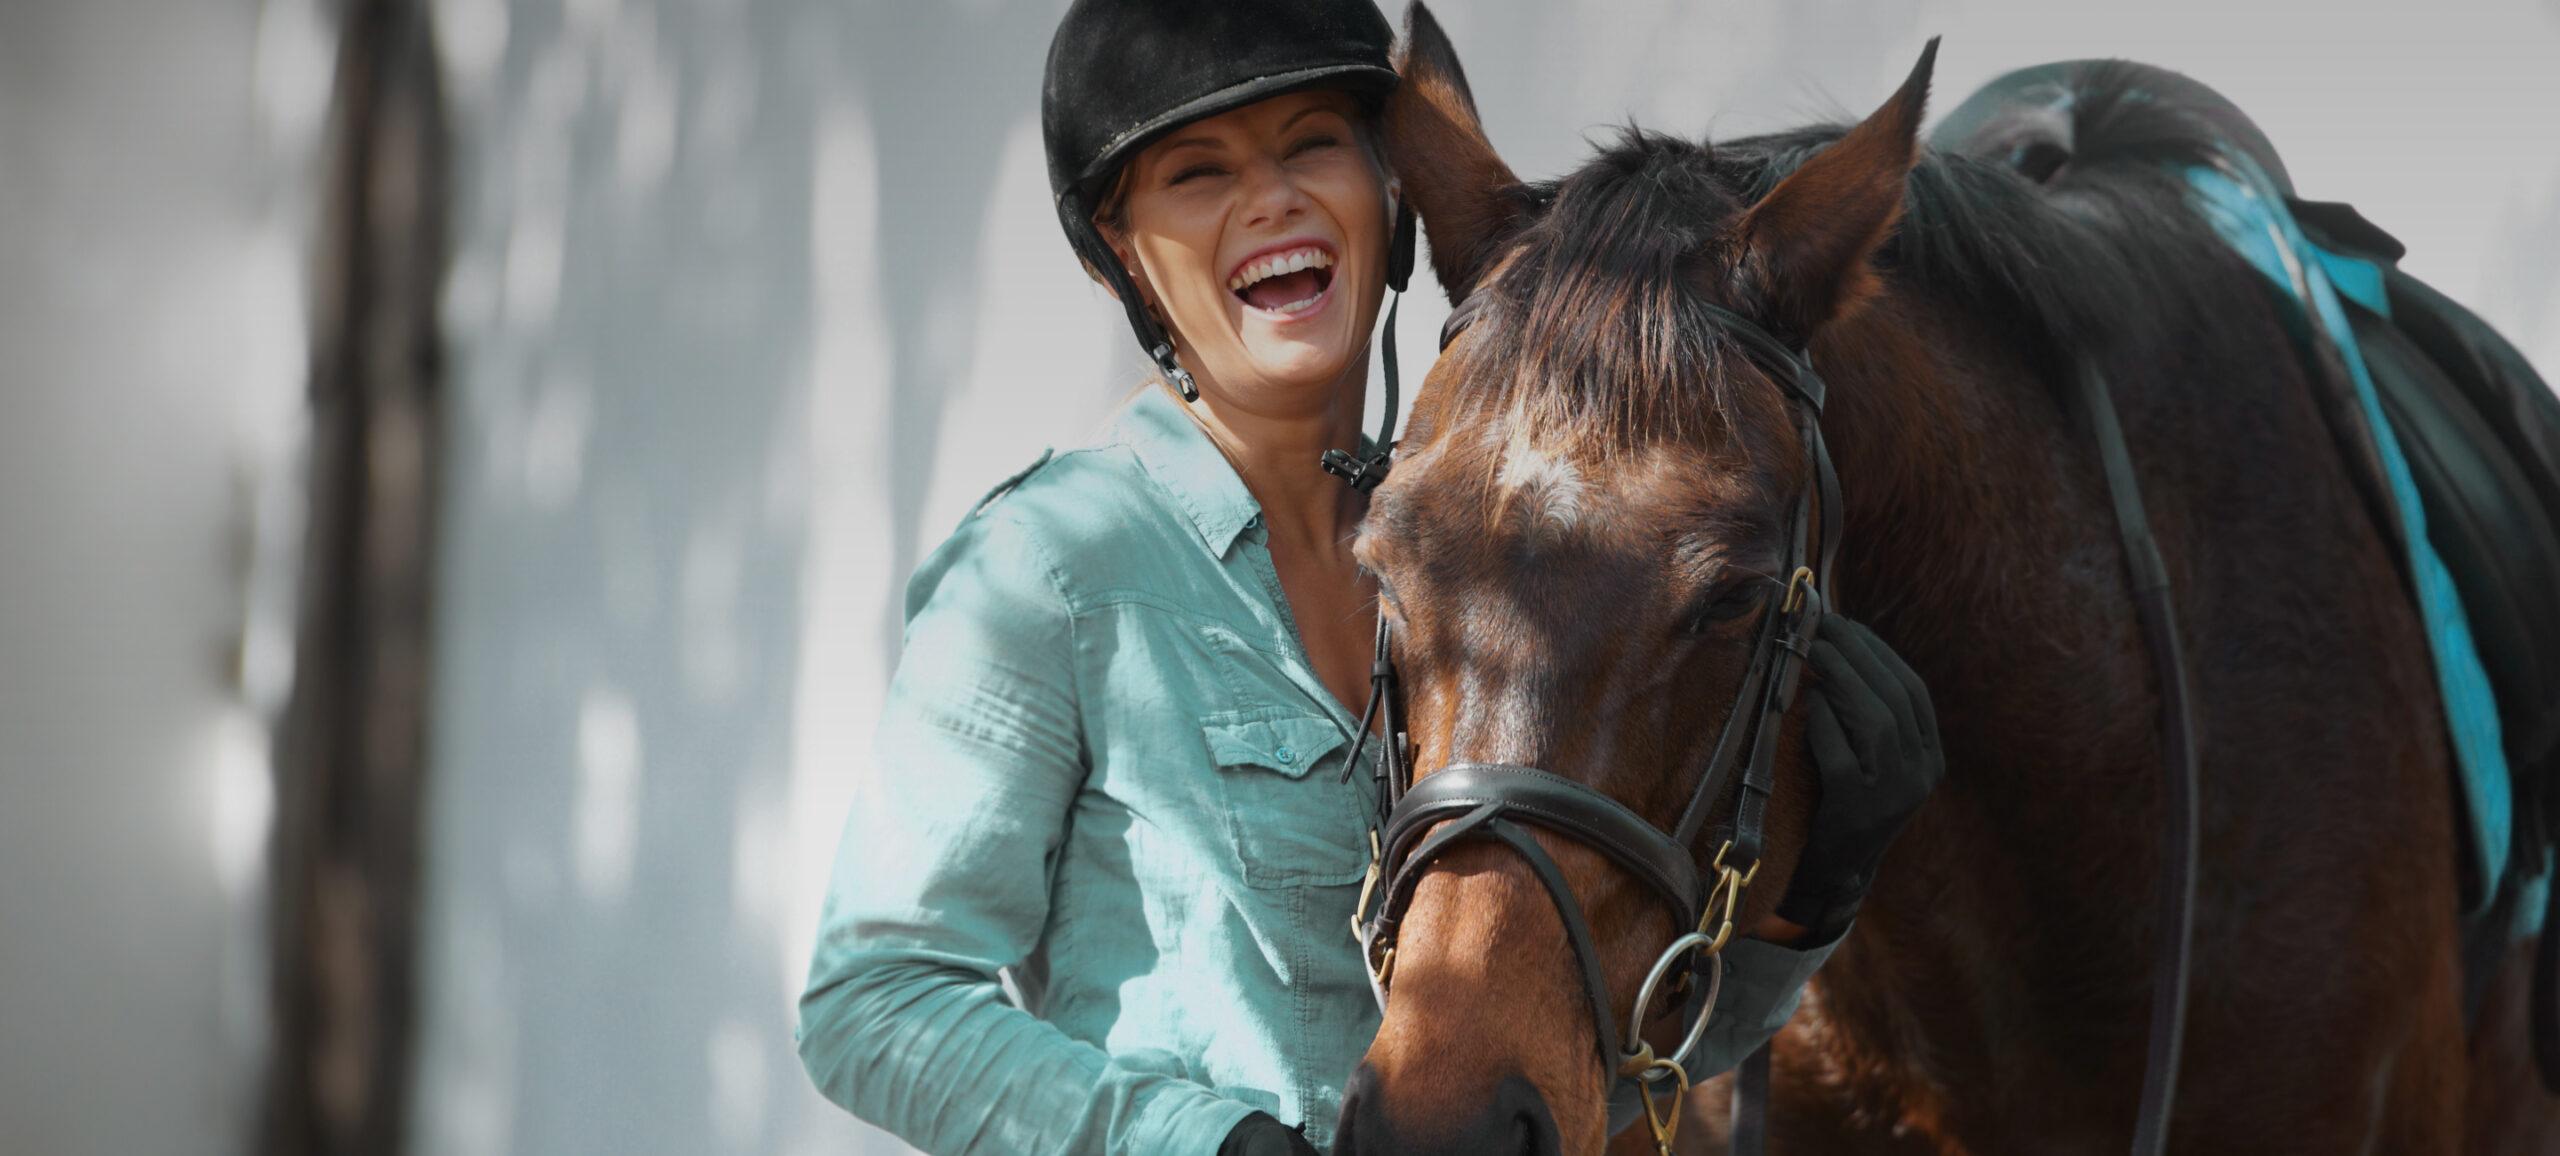 Reiterin mit Helm steht bei Pferd